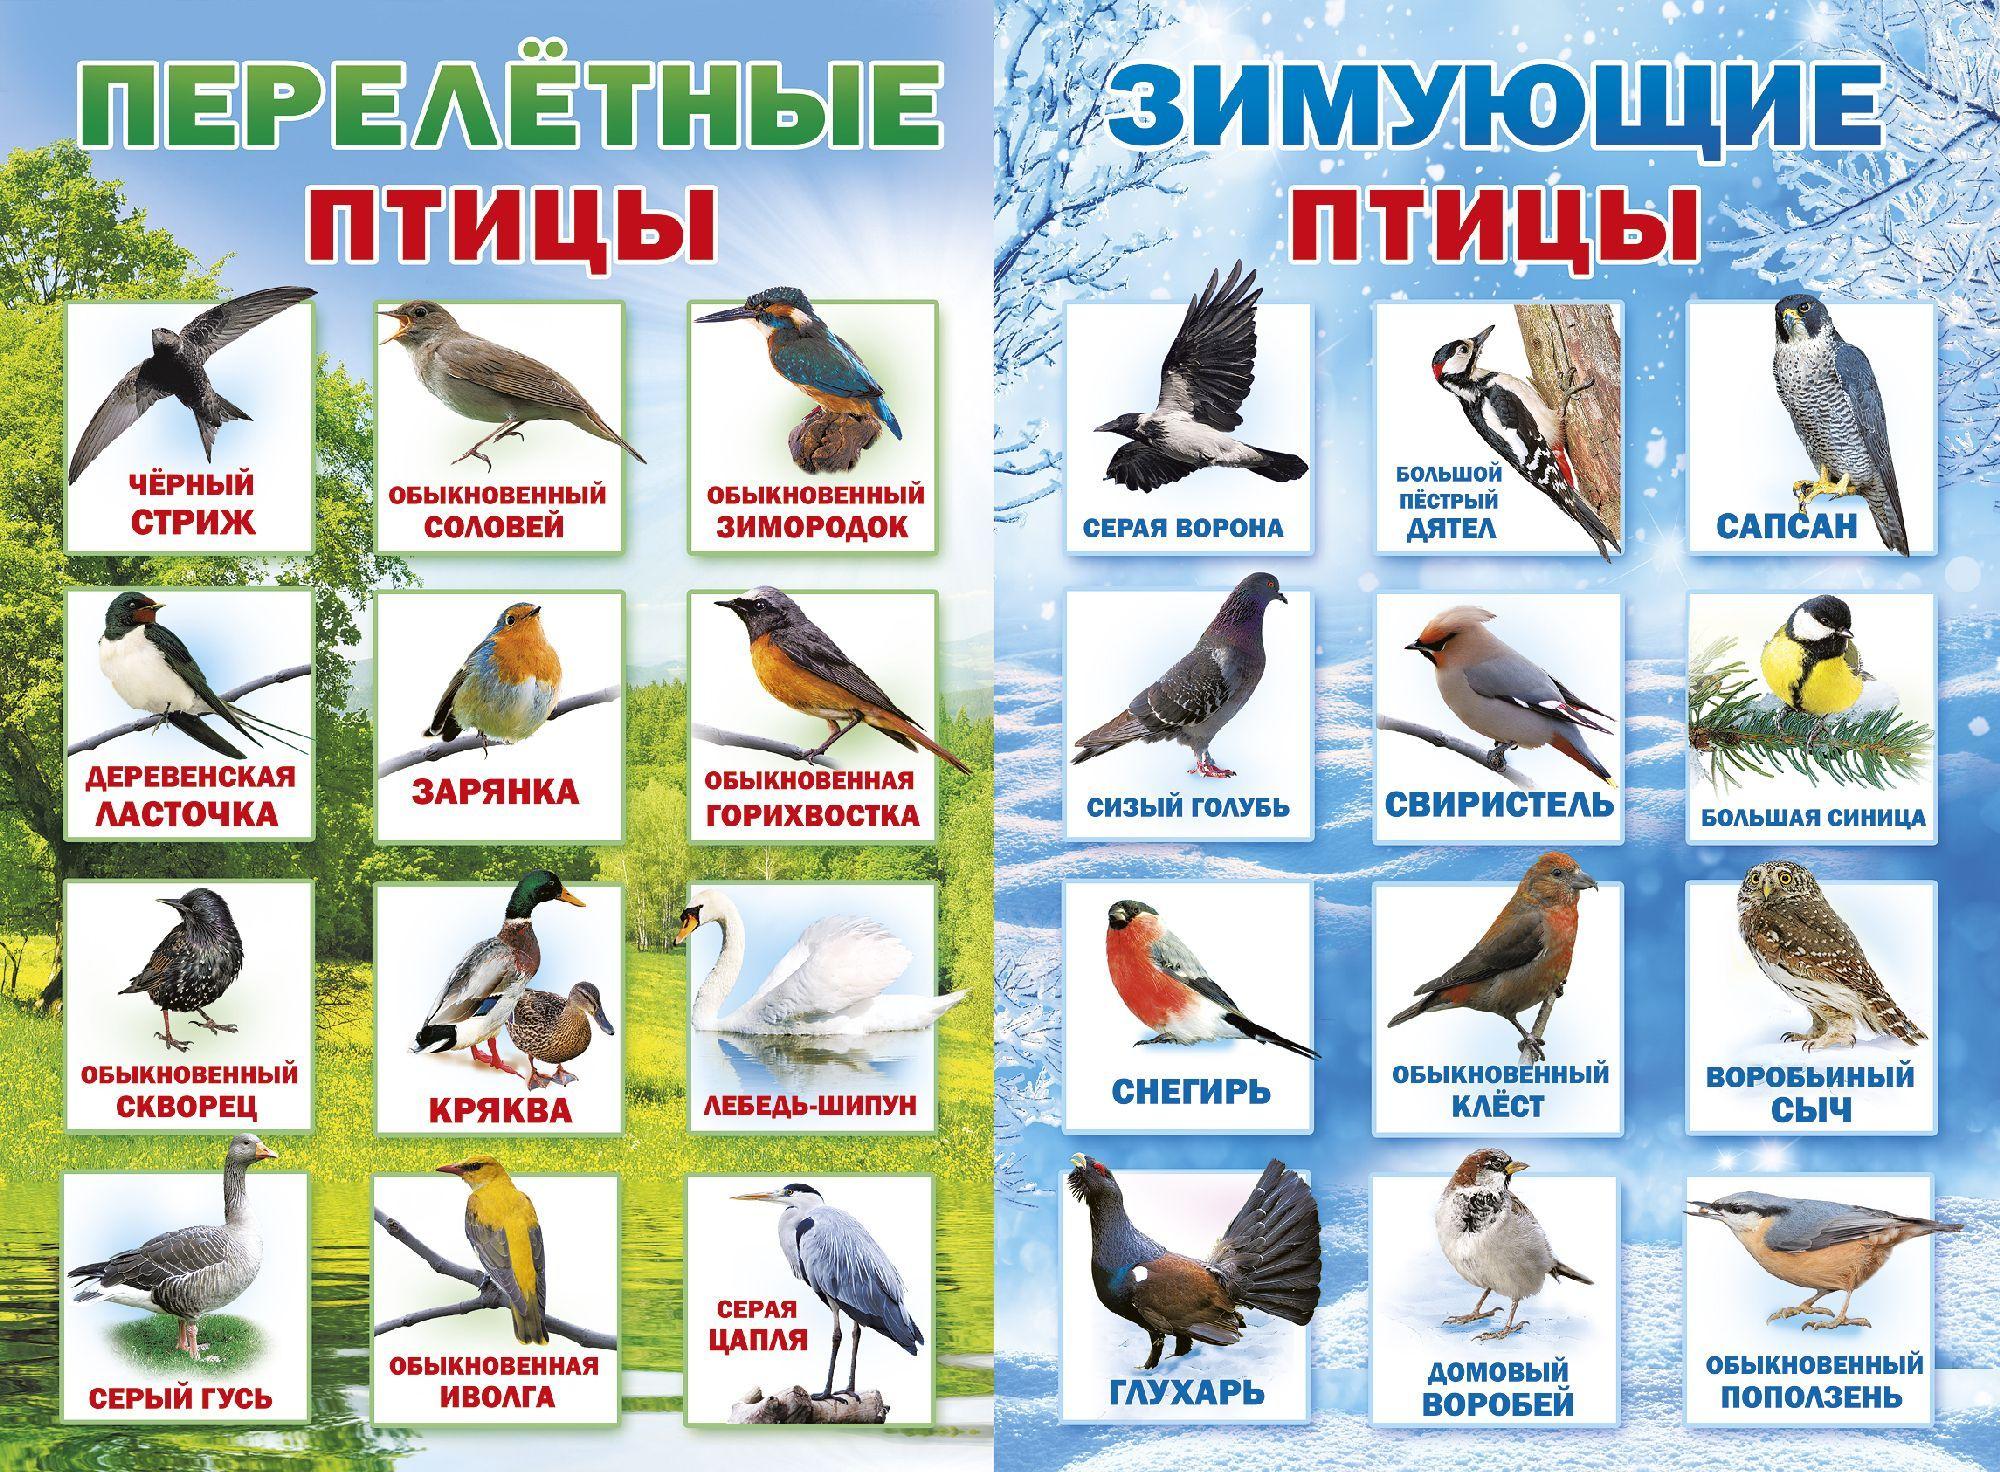 Картинка с зимующими птицами